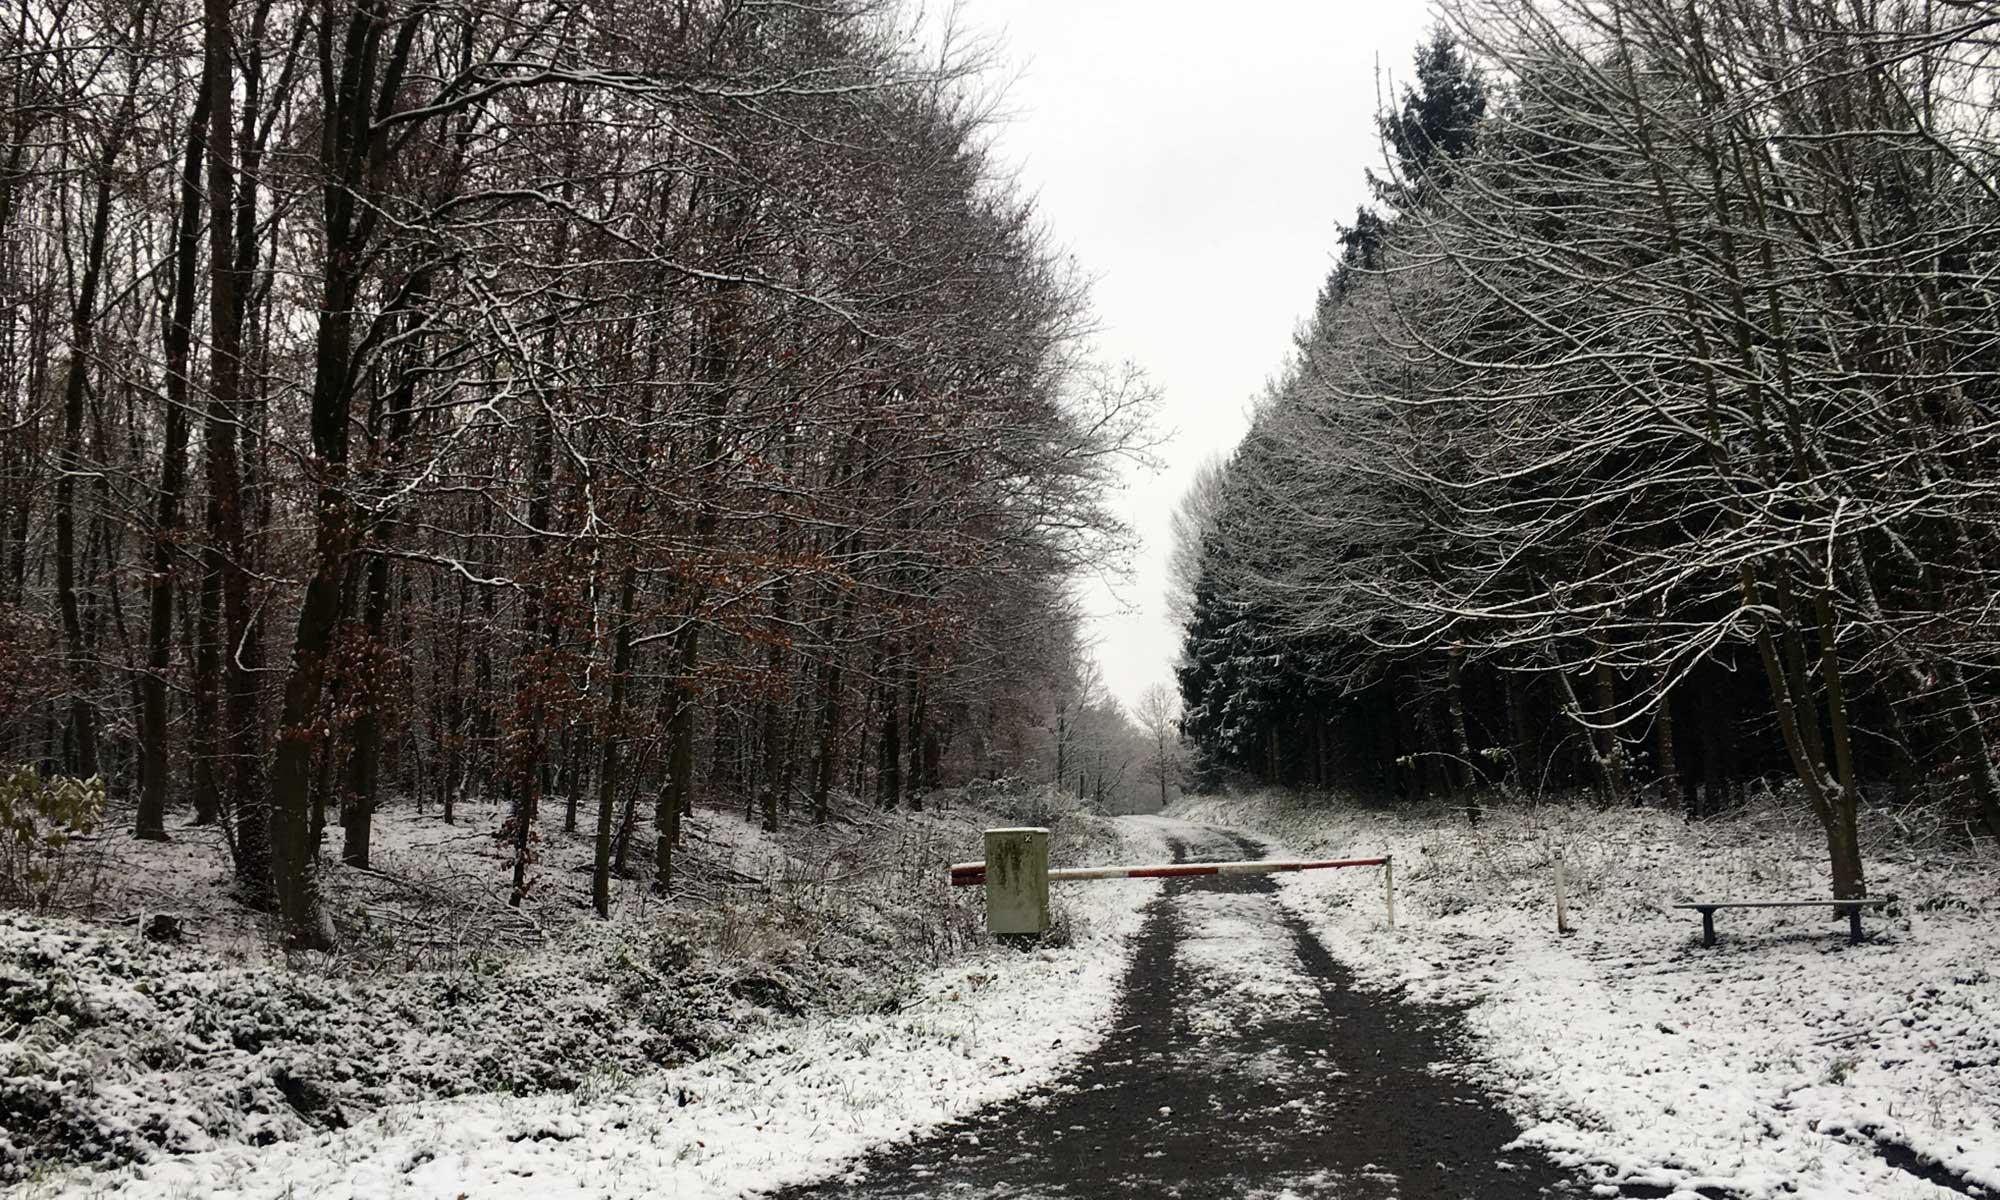 Horlecke Eingang zum Wald